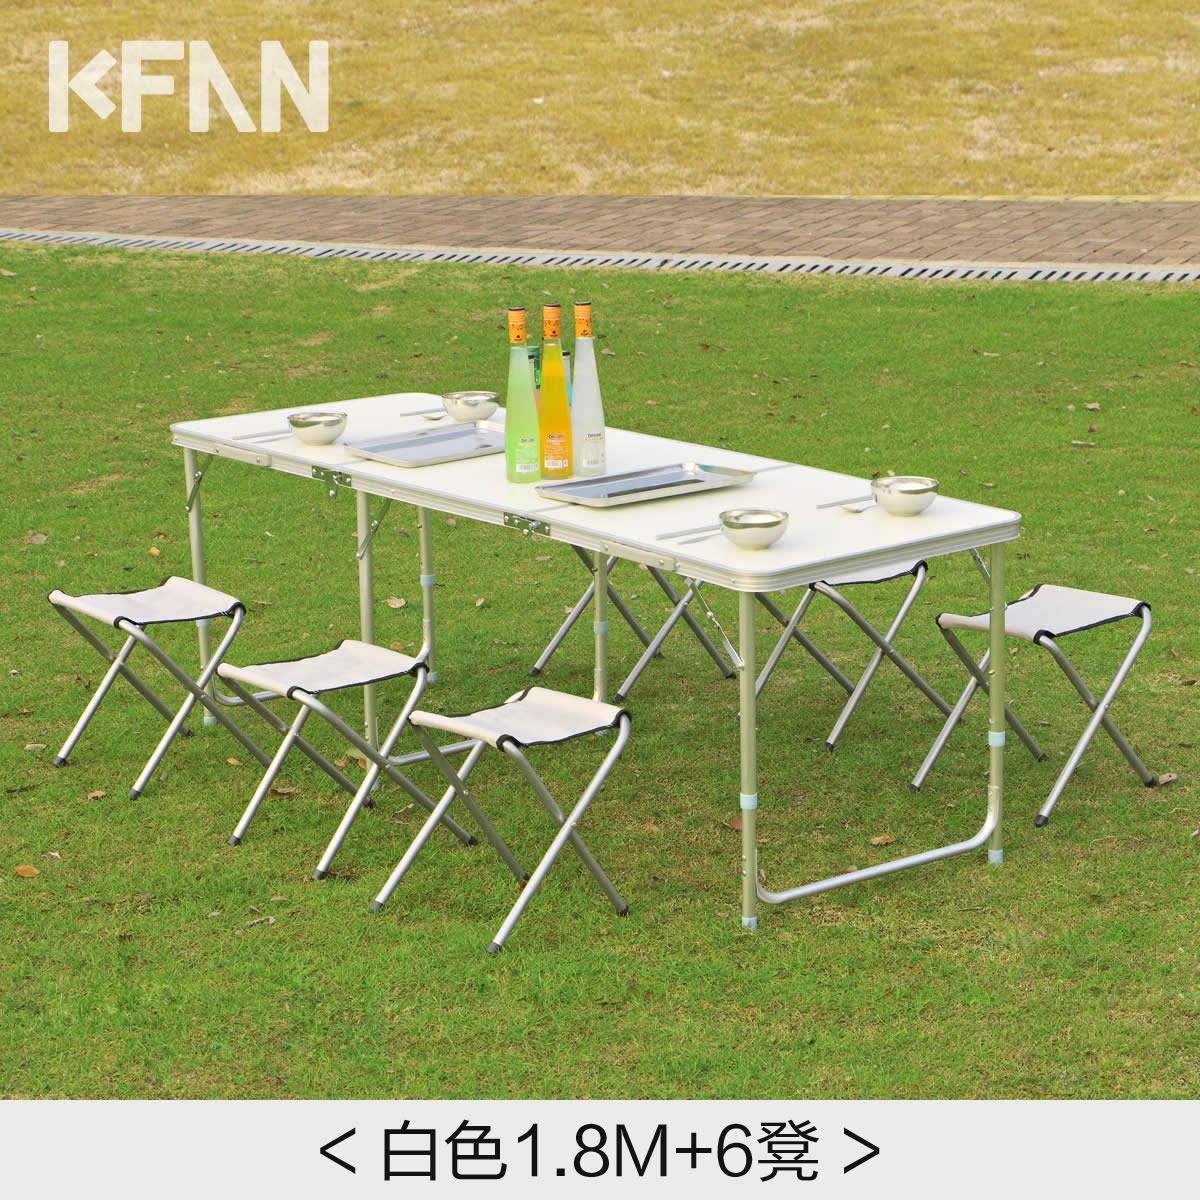 Раскладной стол на природу своими руками